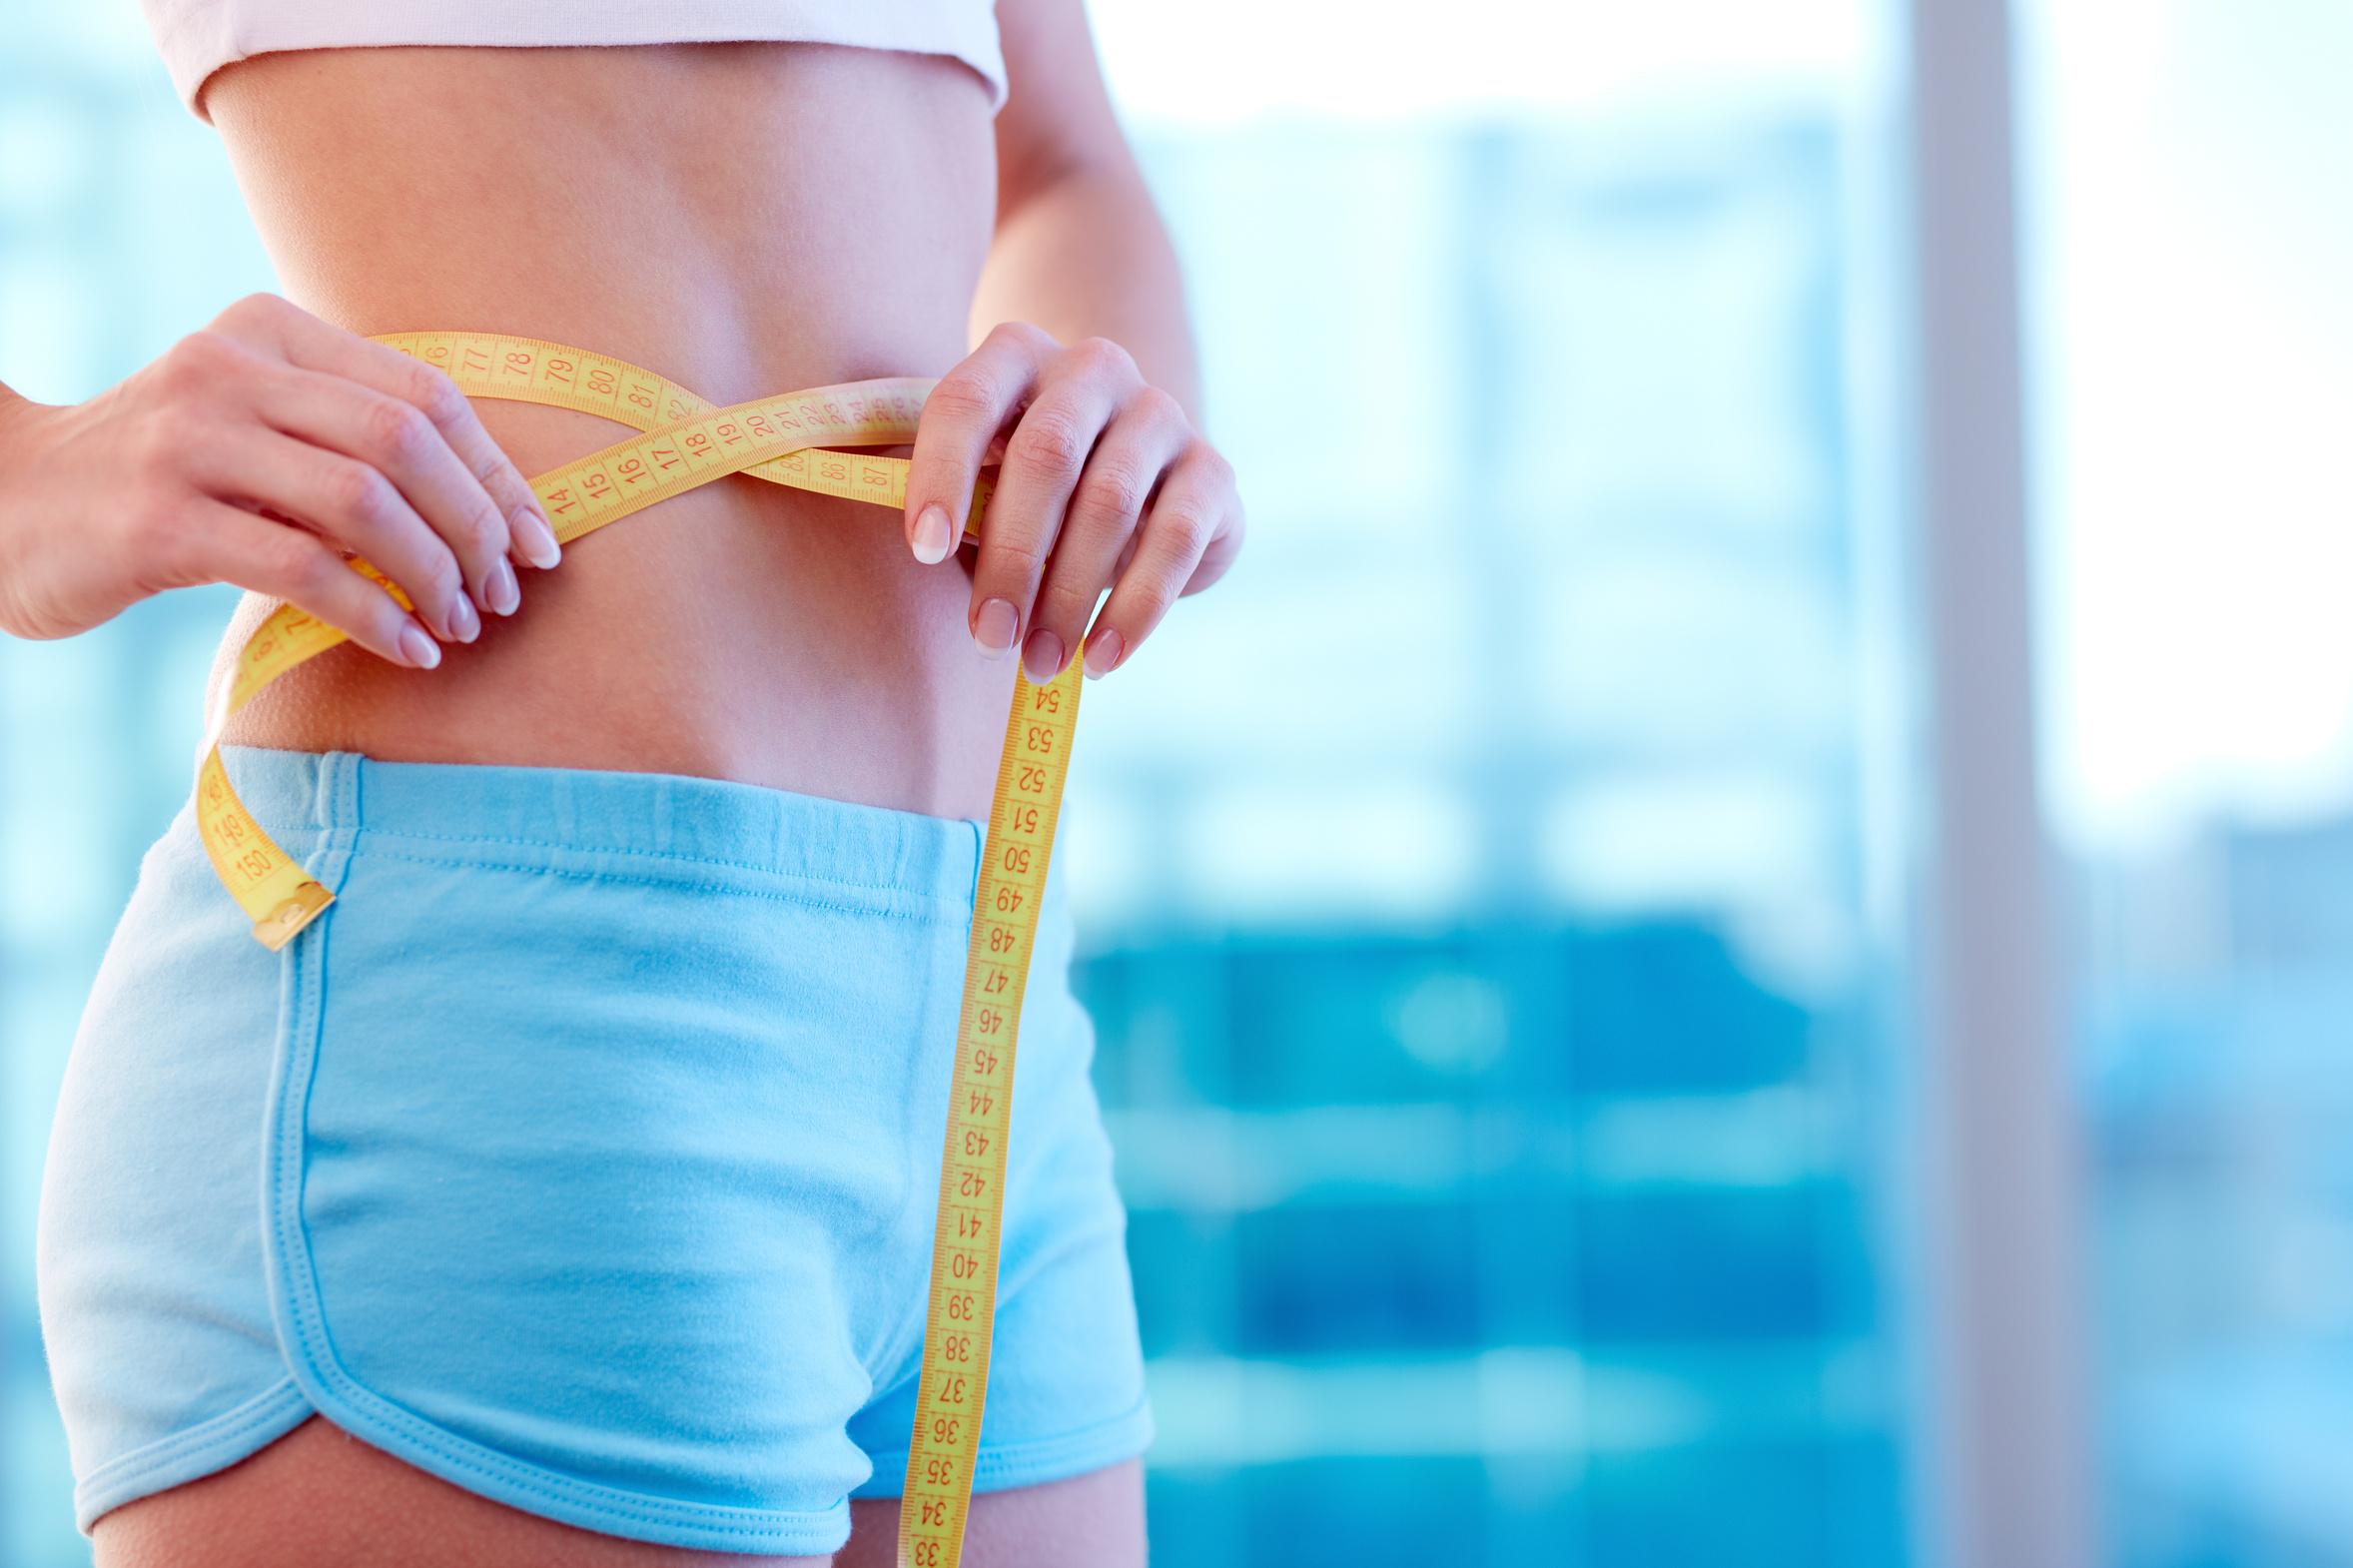 cele mai bune măsurători ale corpului pentru a urmări pierderea în greutate)